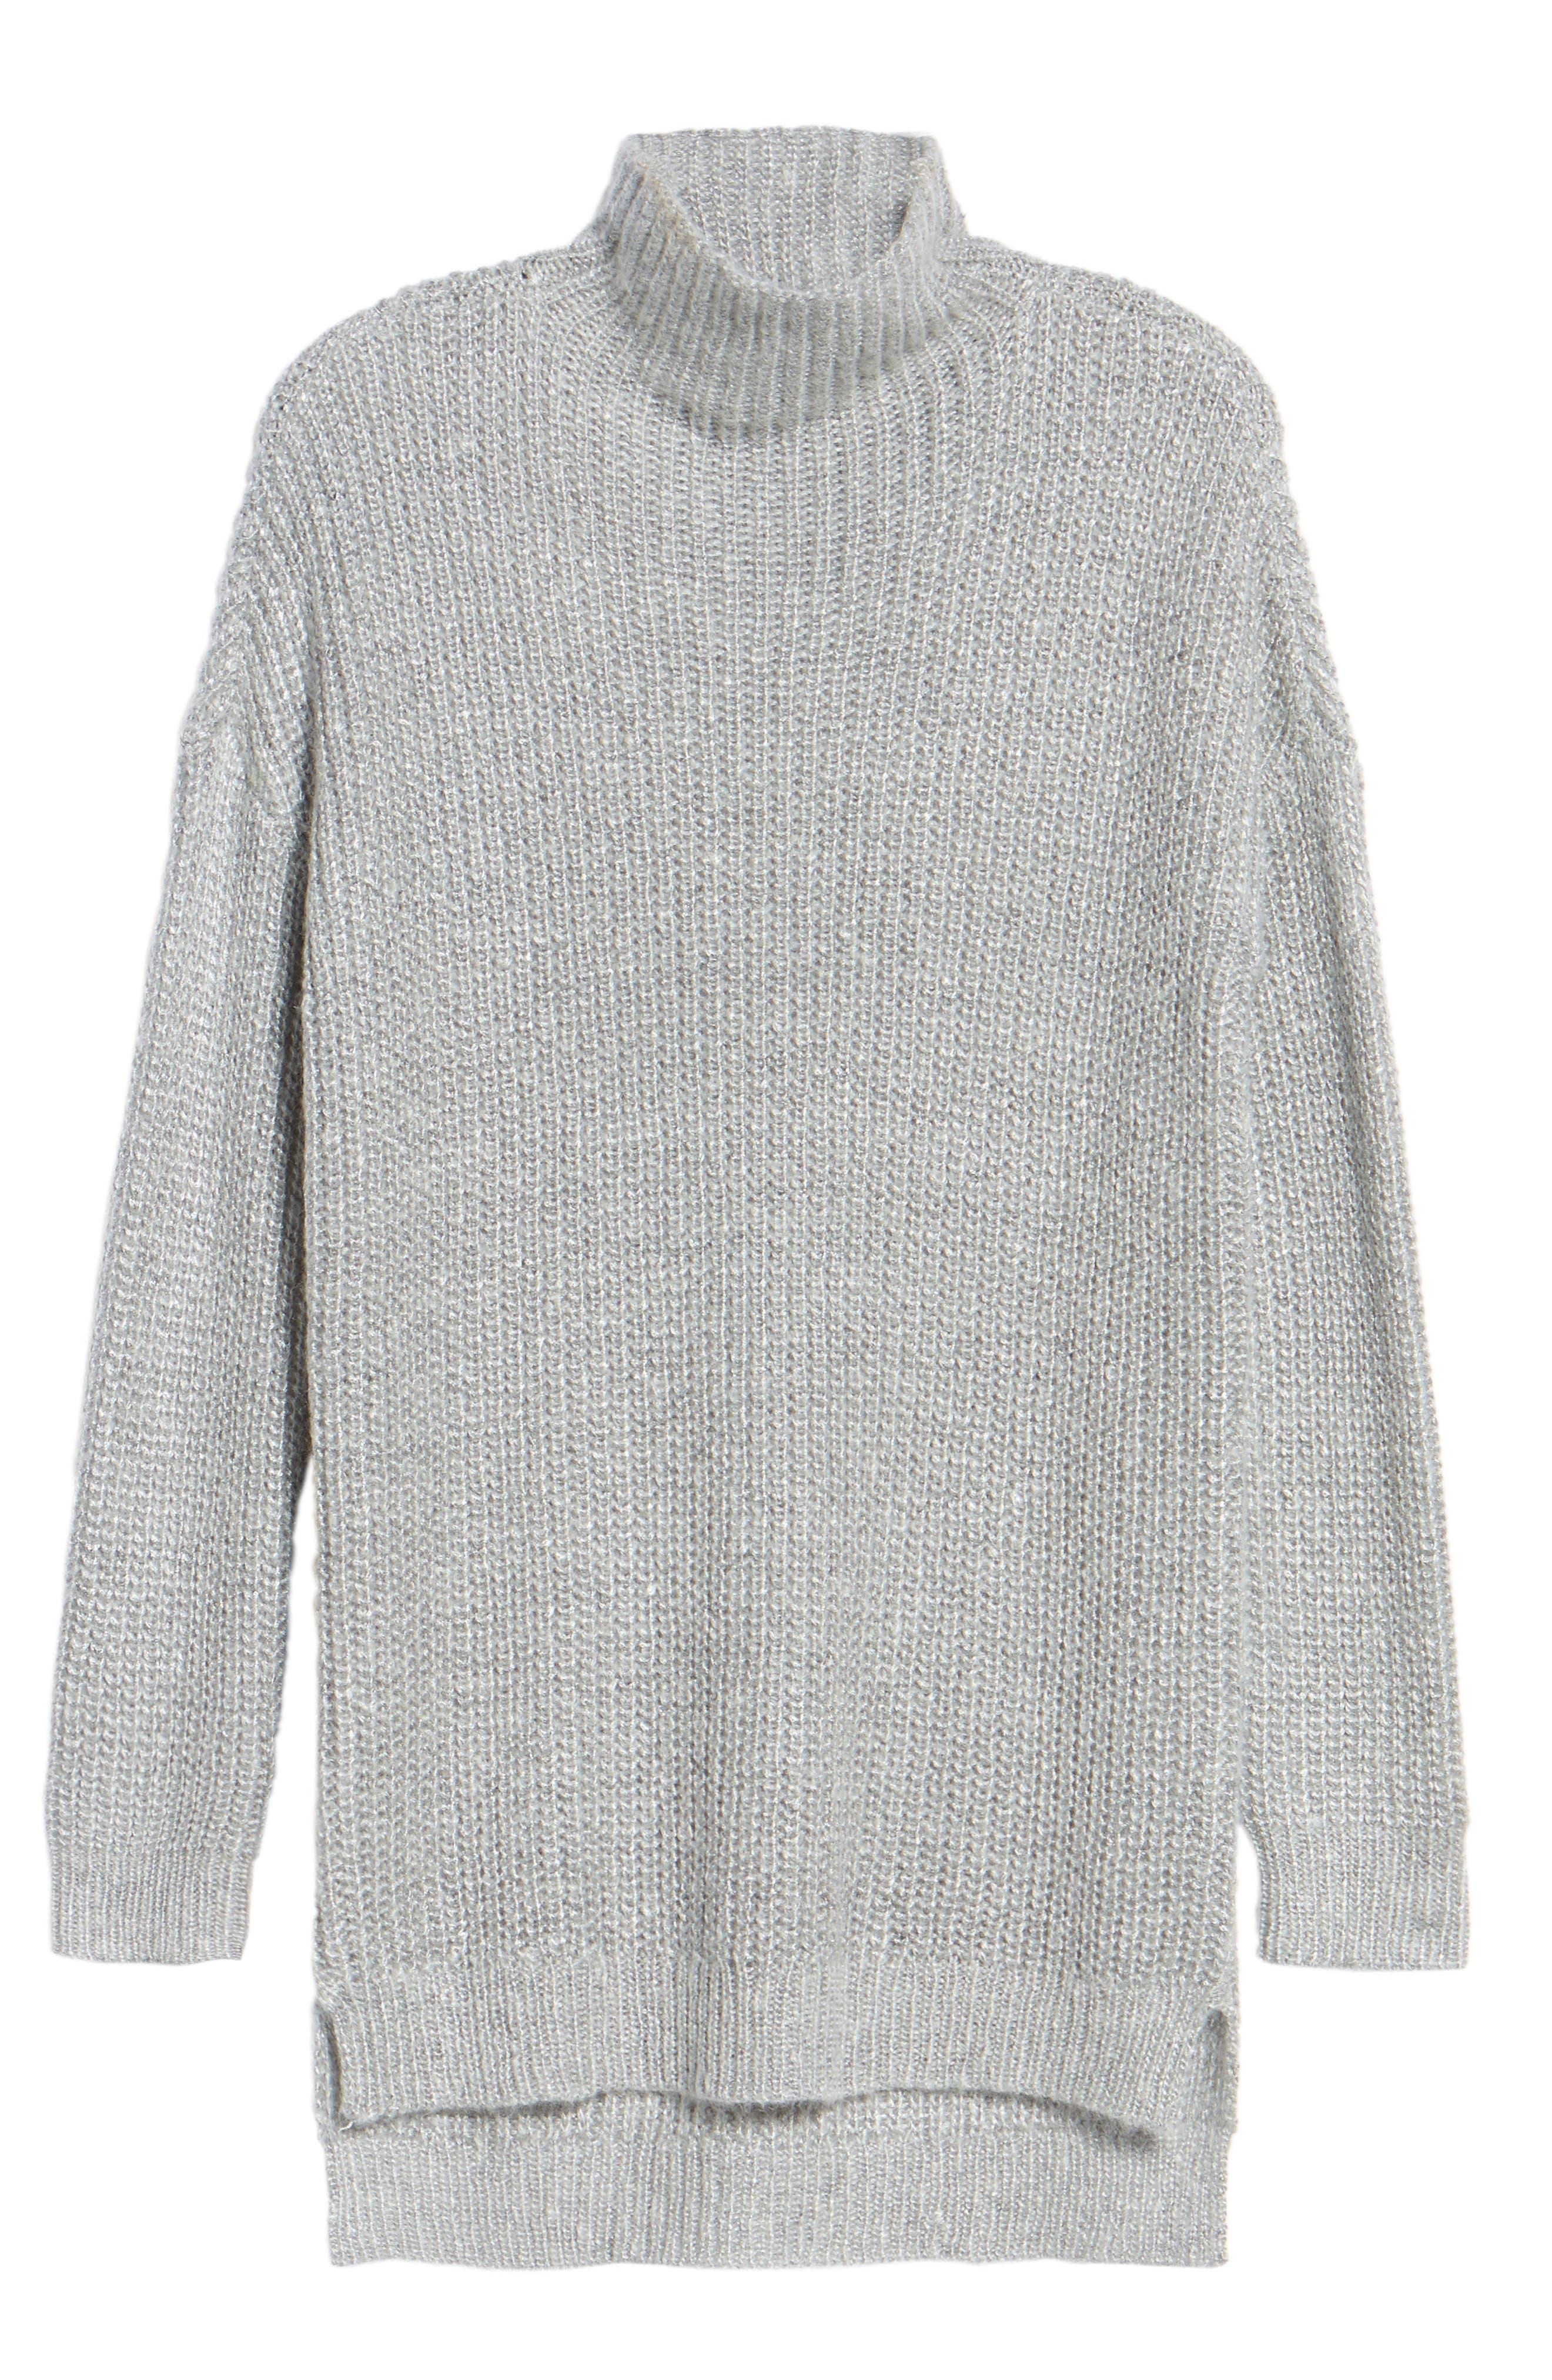 Rib Knit Sweater,                             Alternate thumbnail 6, color,                             030